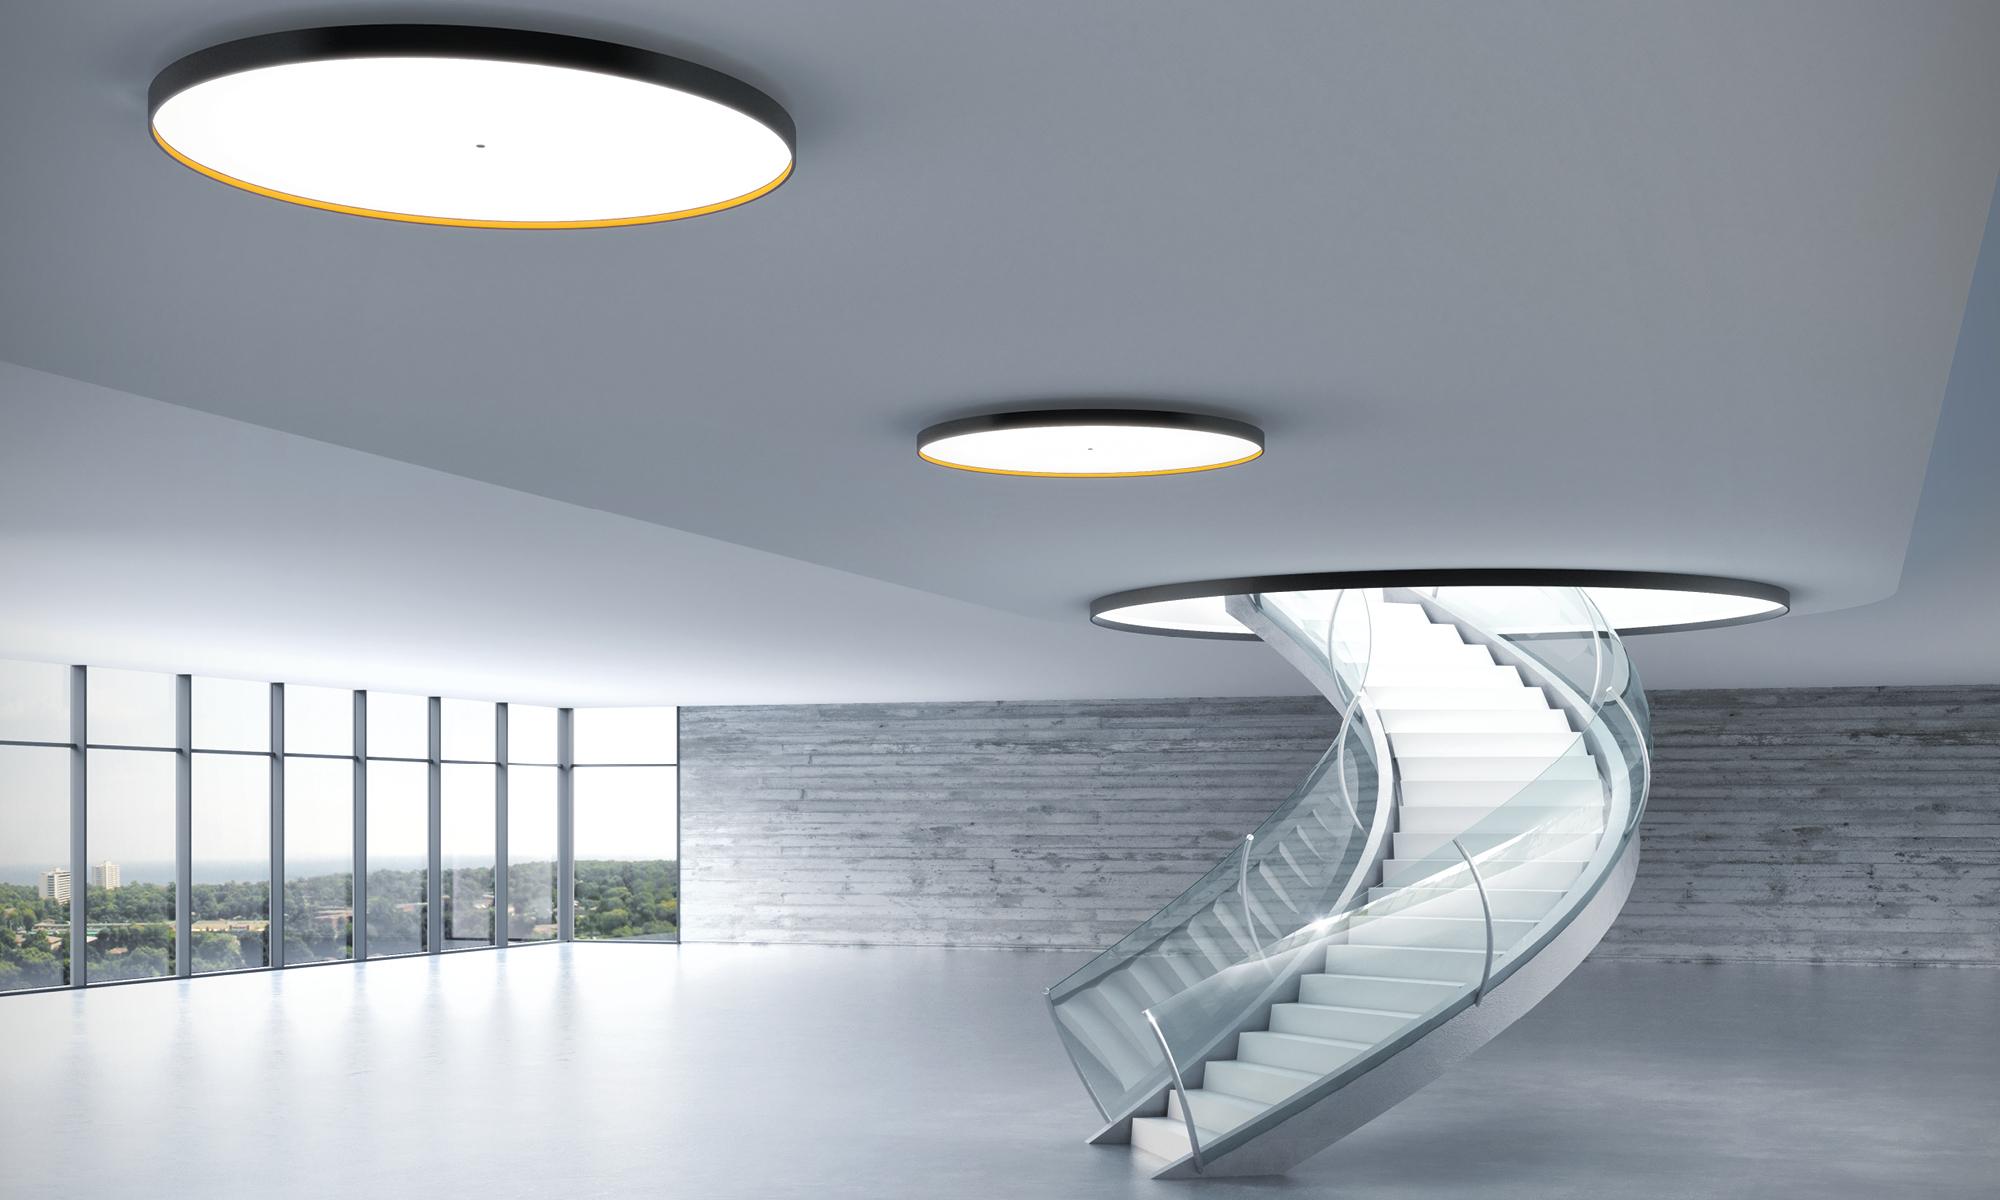 Flexible lighting